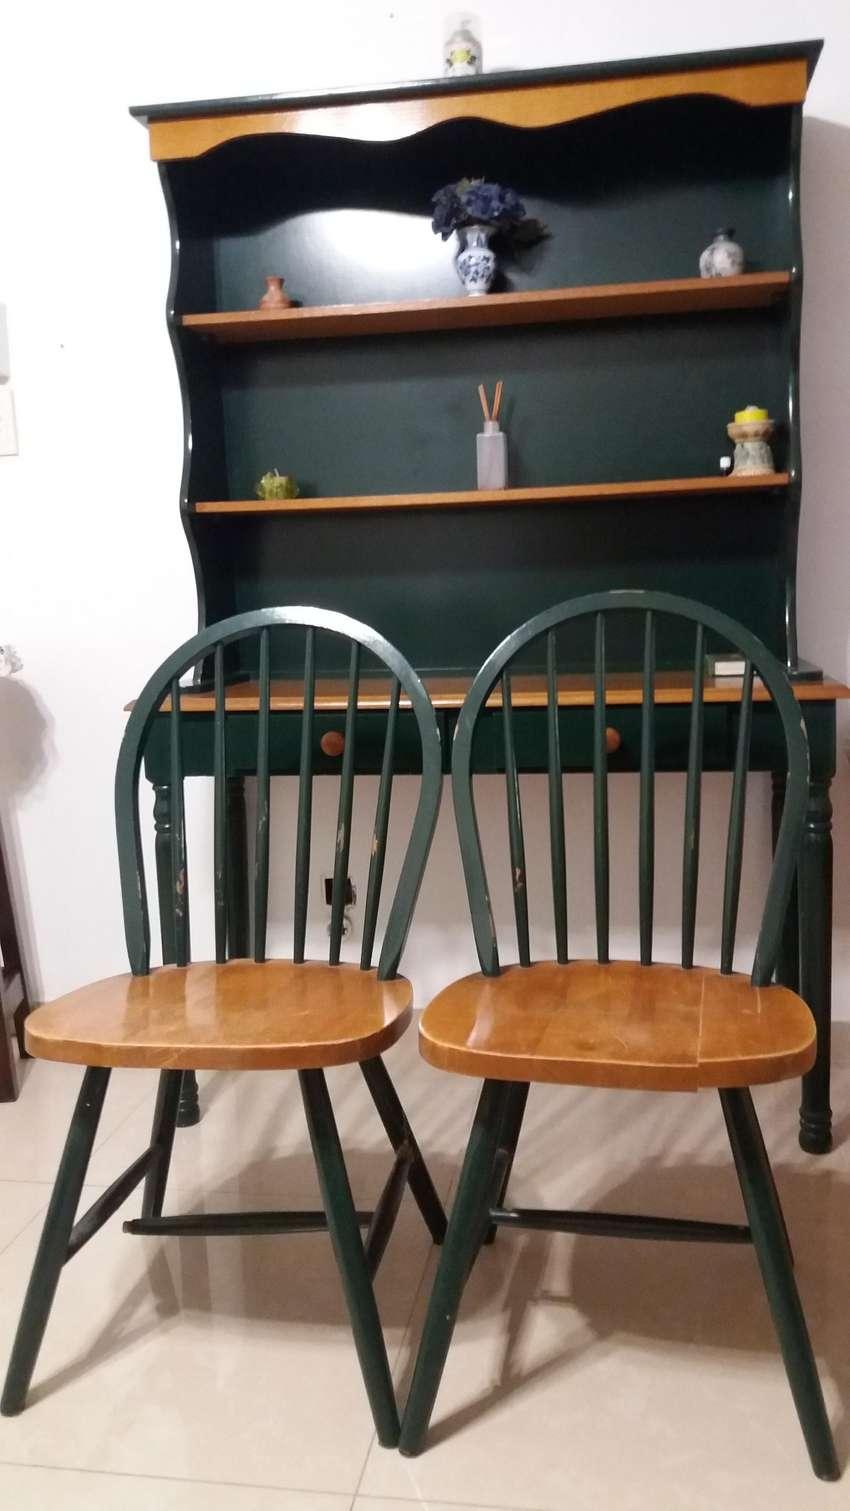 Aparador con 2 sillas 0